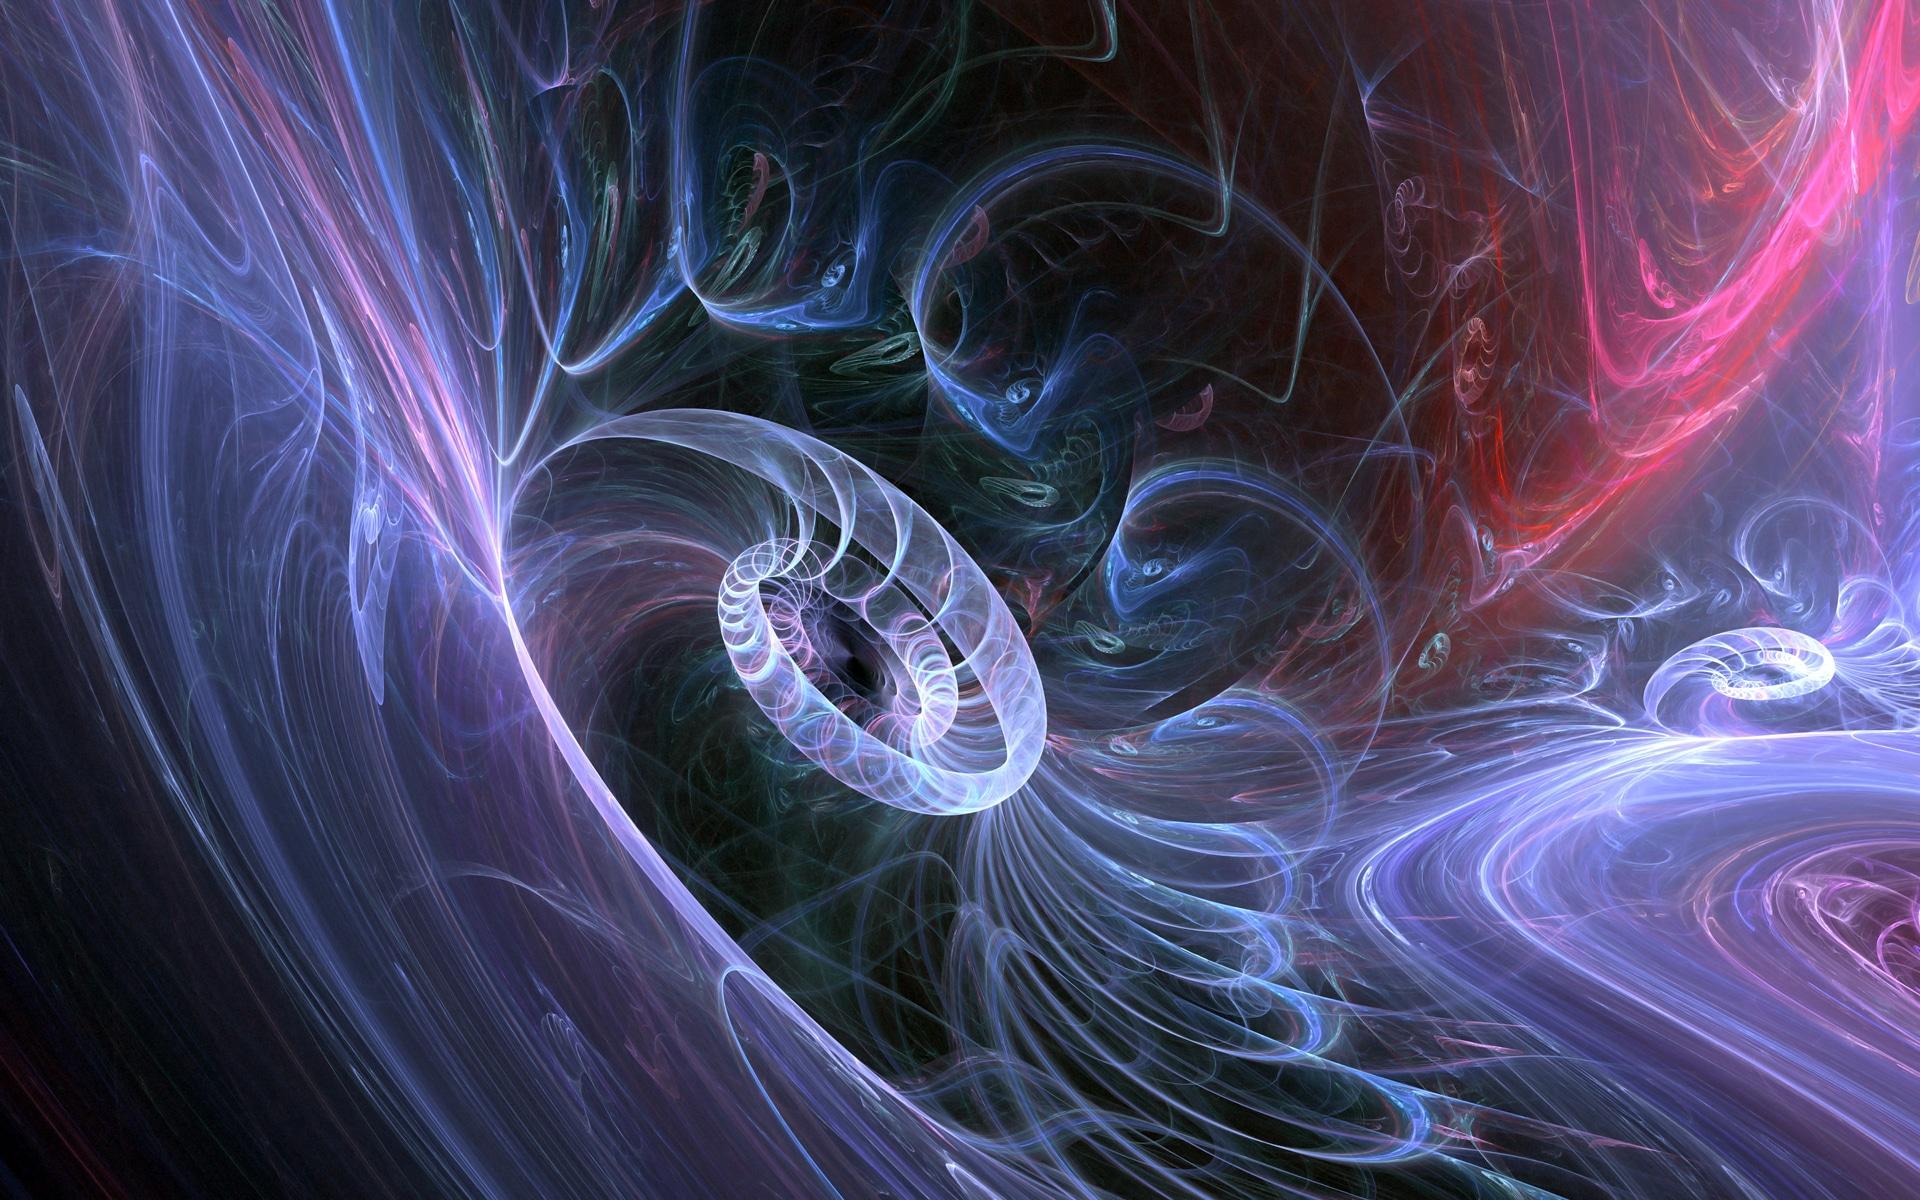 আনসলভড ফিজিকস ১ : শূন্যতার শক্তি